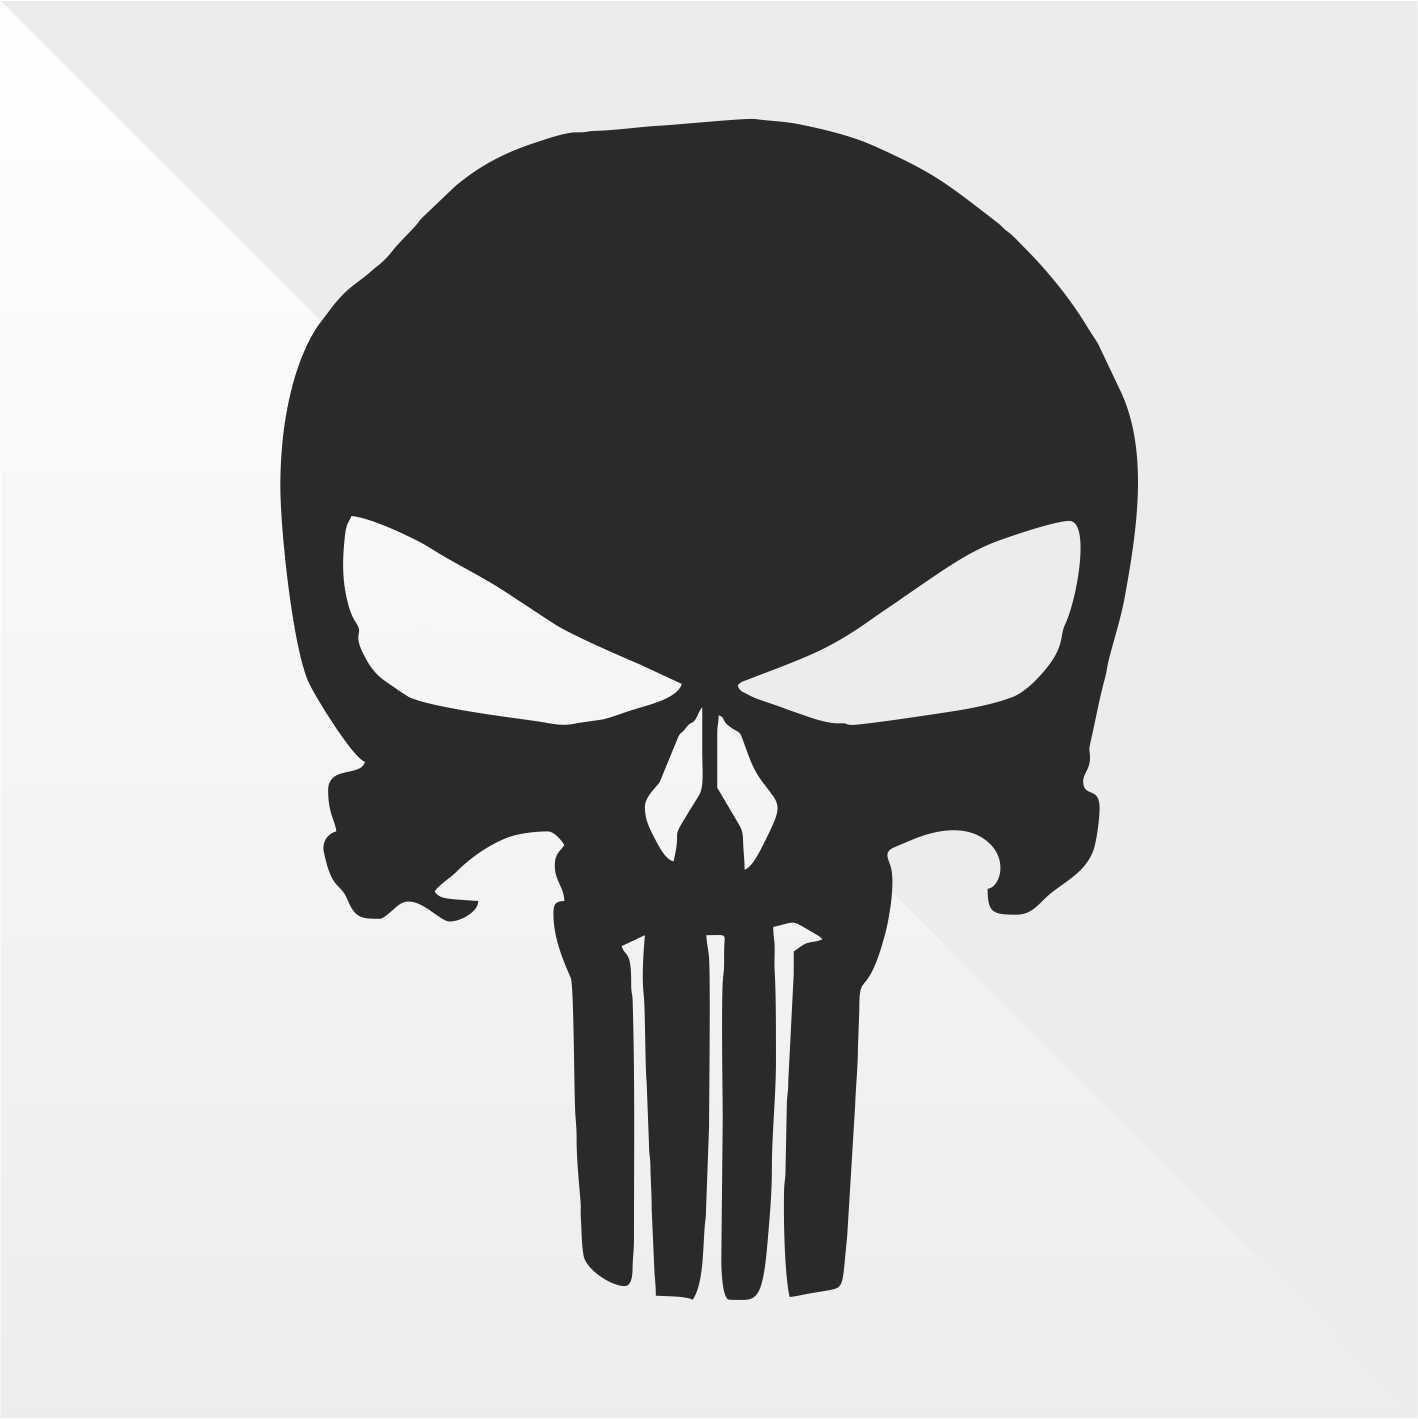 Sticker Prespaziato Pre-Spaced Punisher Teschio Skull Crâ ne Crá neo Schä del - Decal Auto Moto Casco Wall Camper Bike Adesivo Adhesive Autocollant Pegatina Aufkleber - cm 10 erreinge